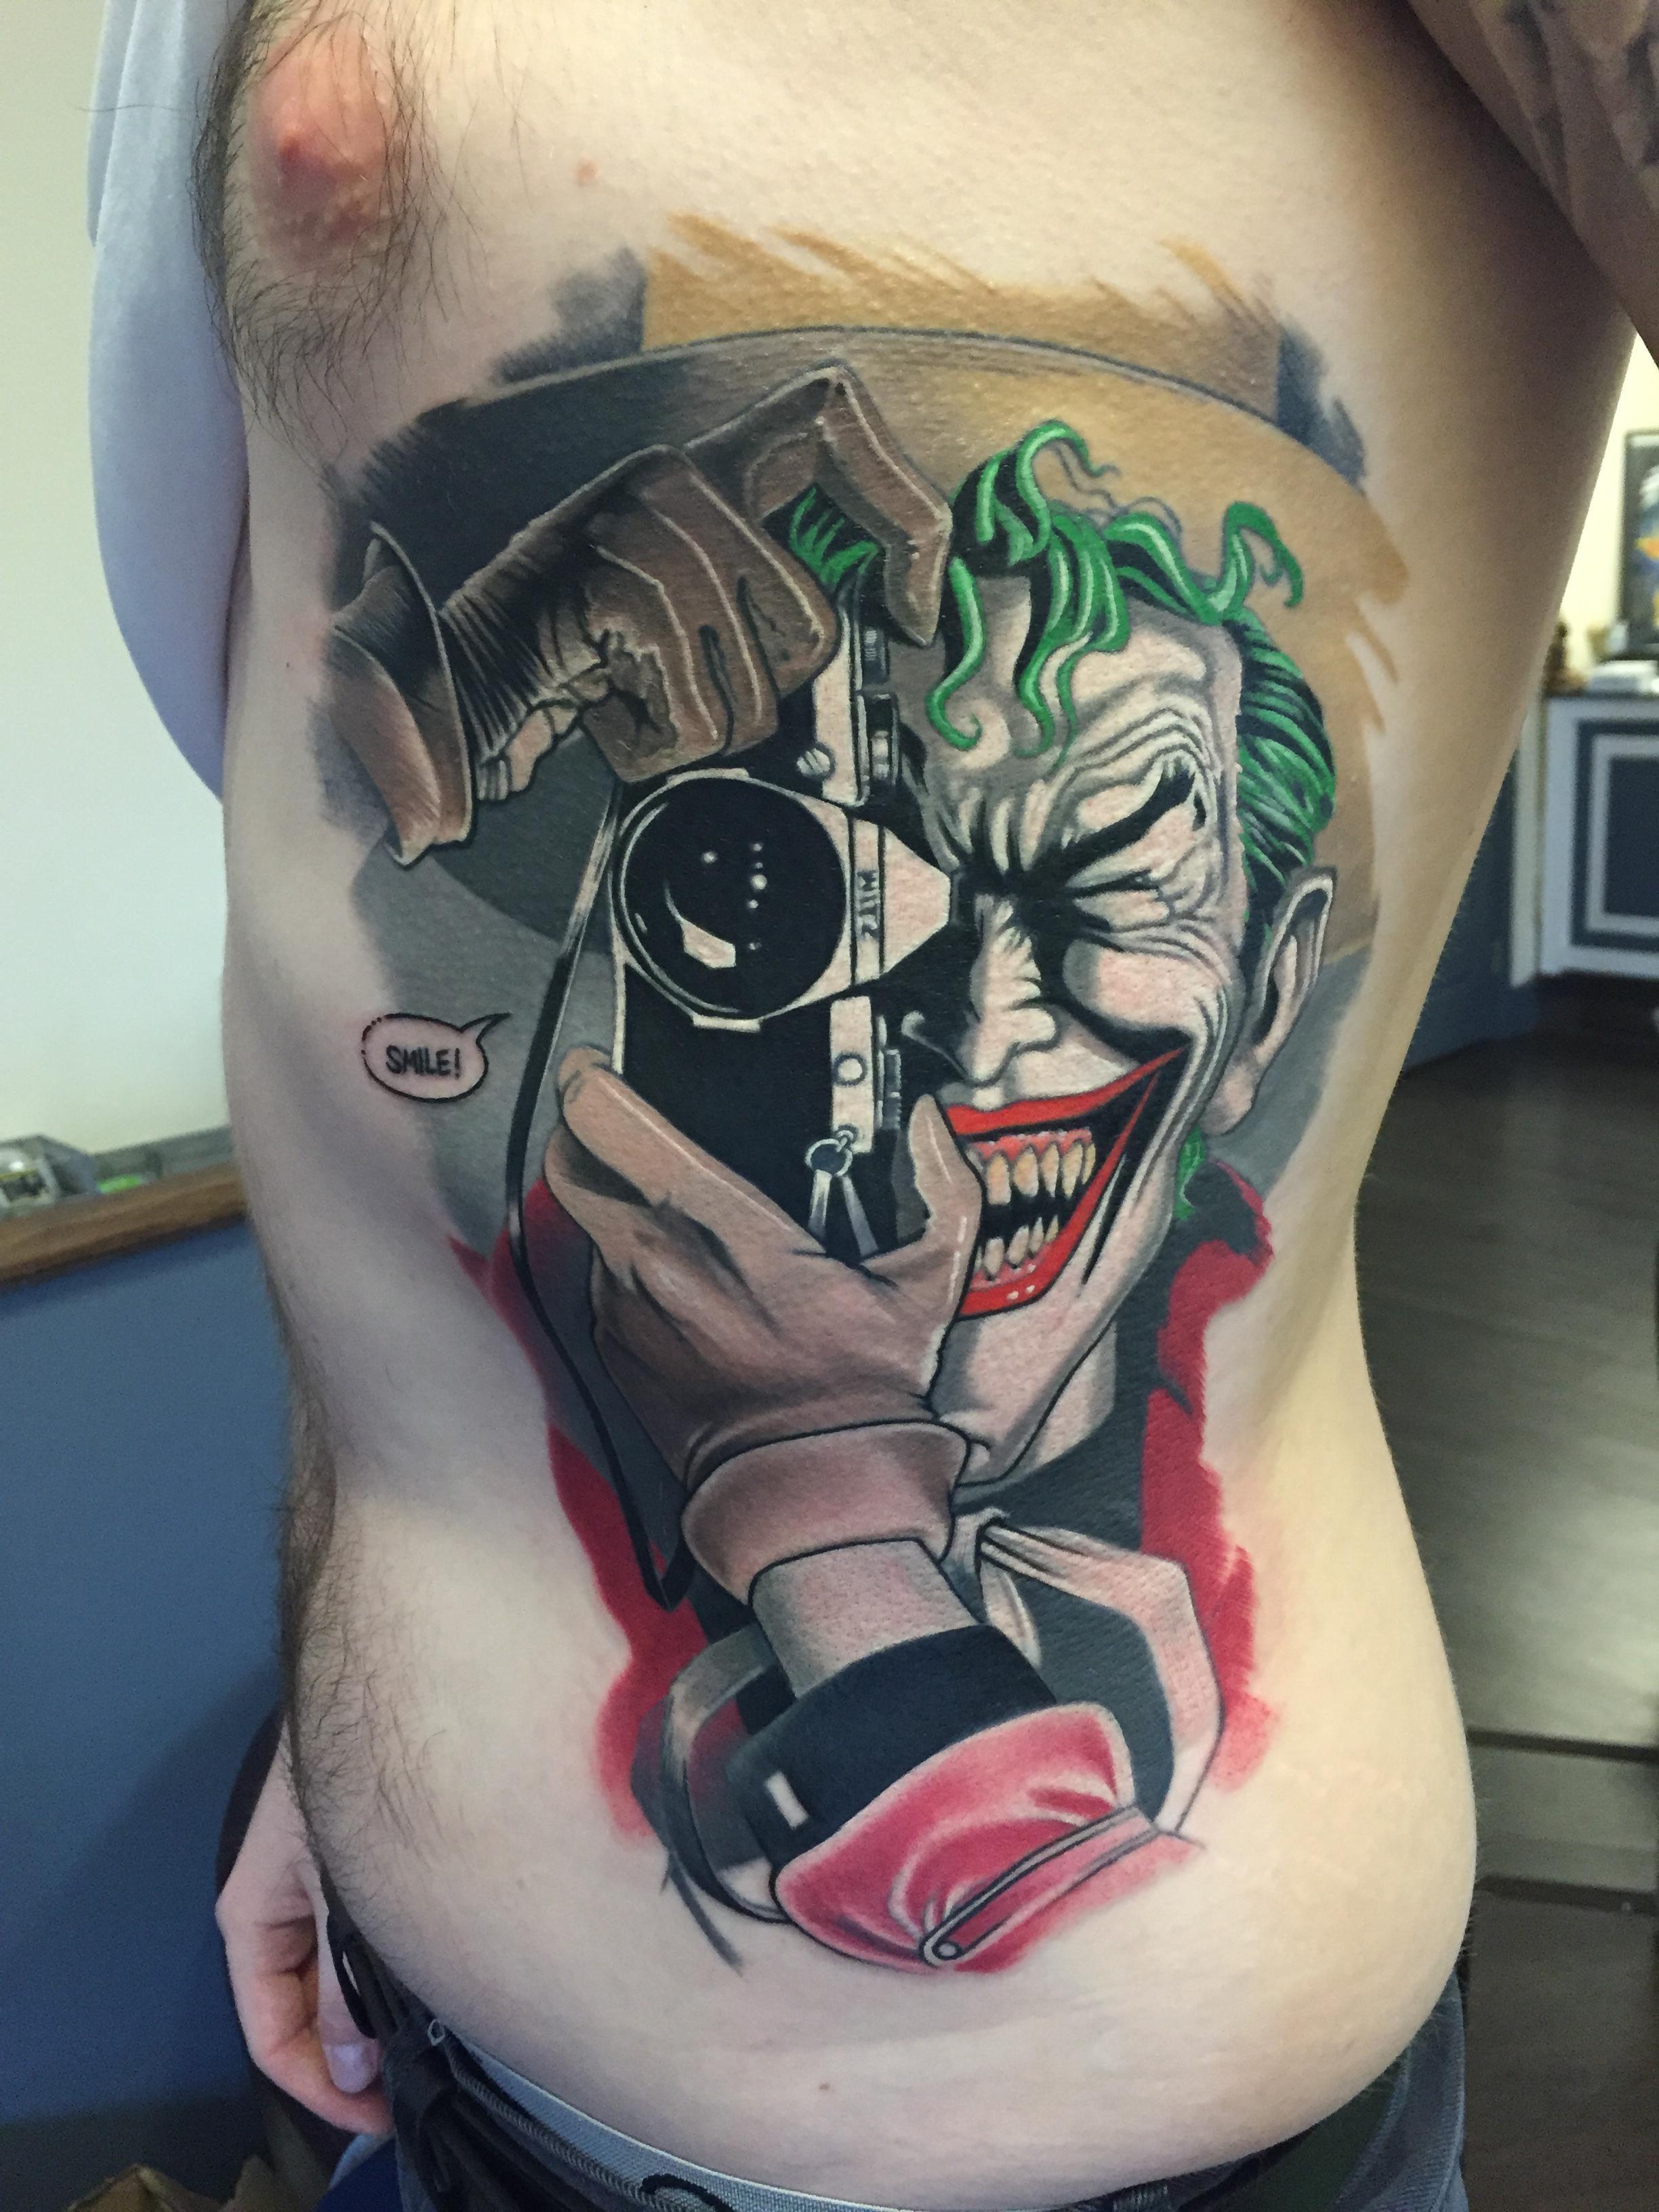 New Joker Tattoo By Polish Dan At True Colour York Uk Imgur Joker Tattoo Joker Tattoo Design Joker Card Tattoo